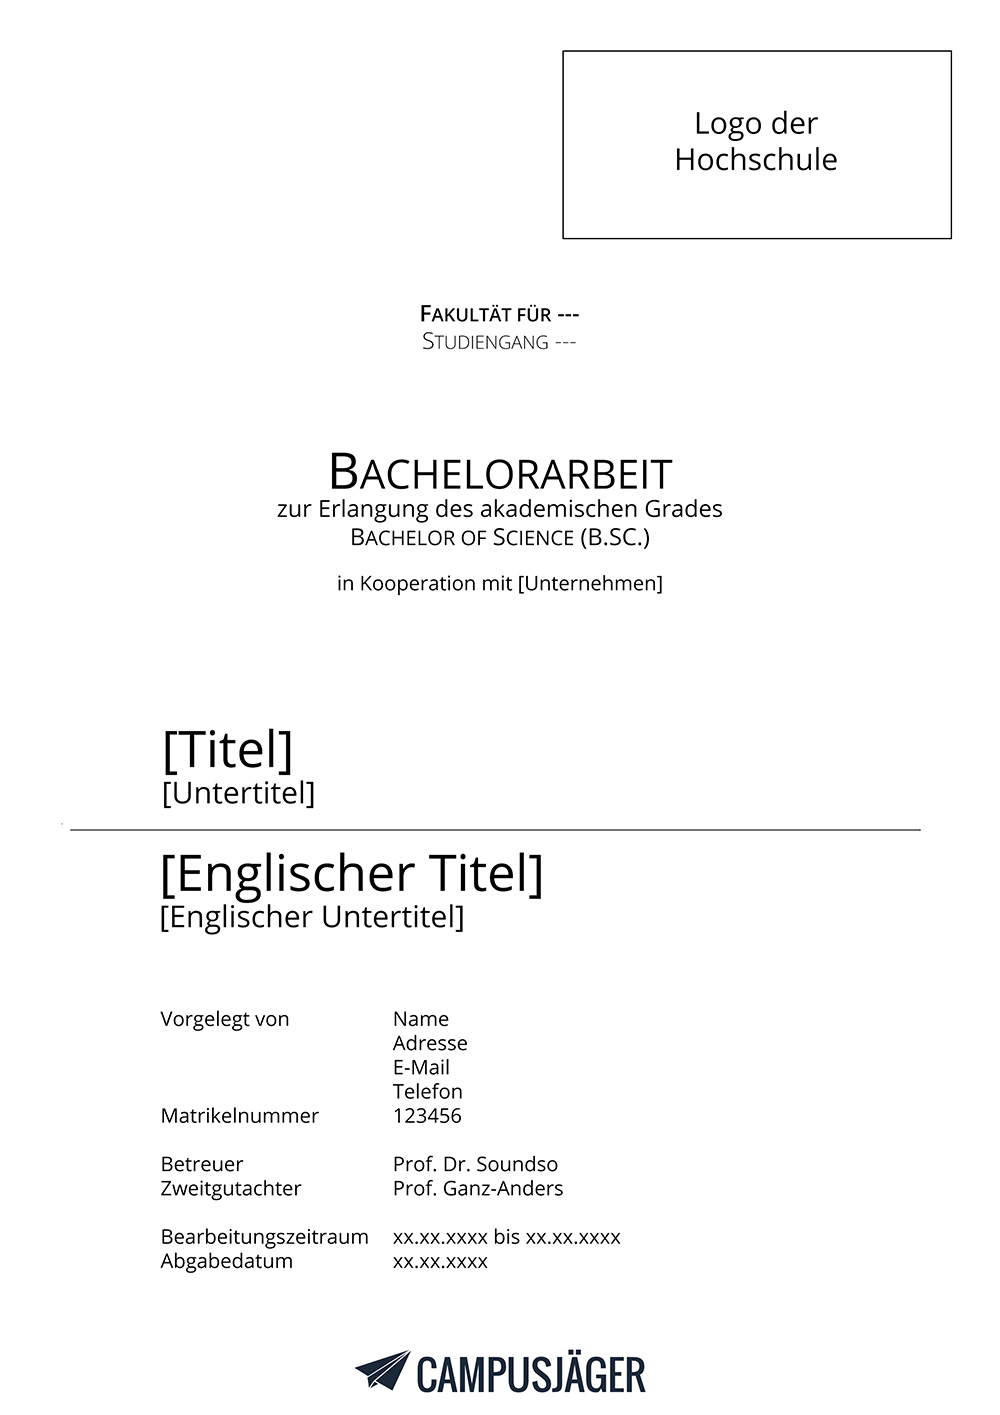 bachelor thesis zu spät abgegeben